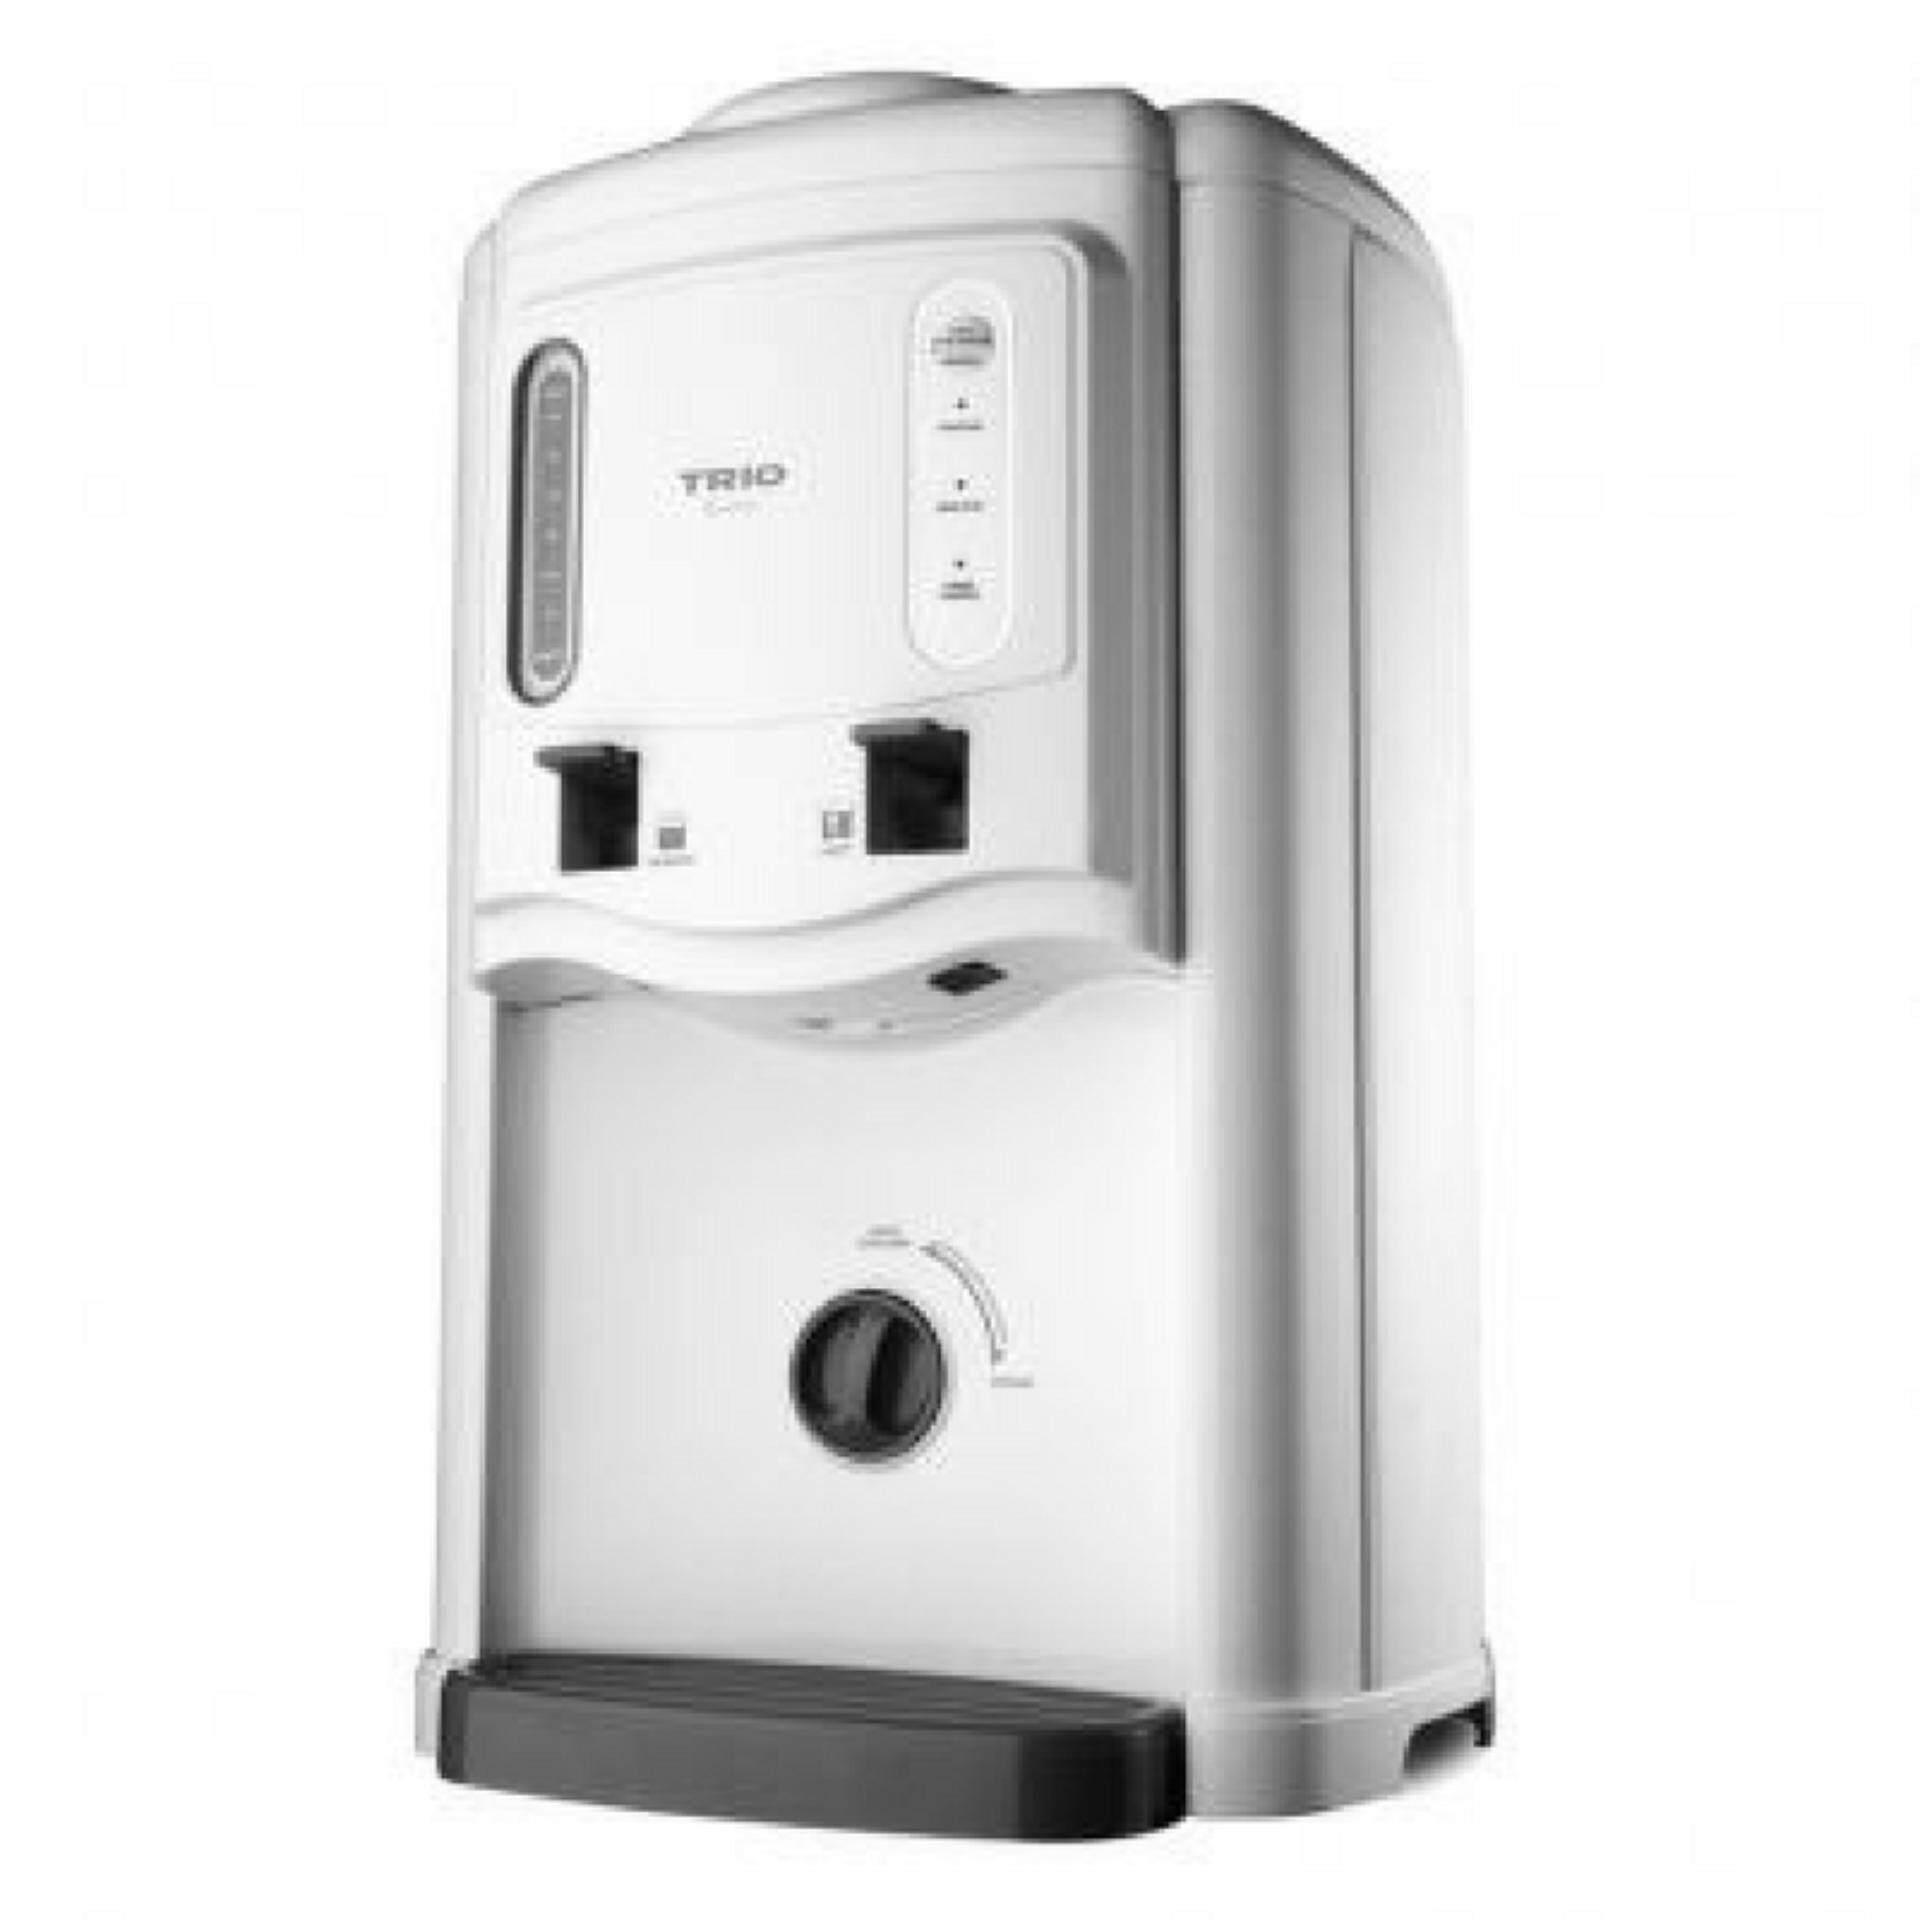 Trio TWD-701 Water Dispenser 7.0L (White)